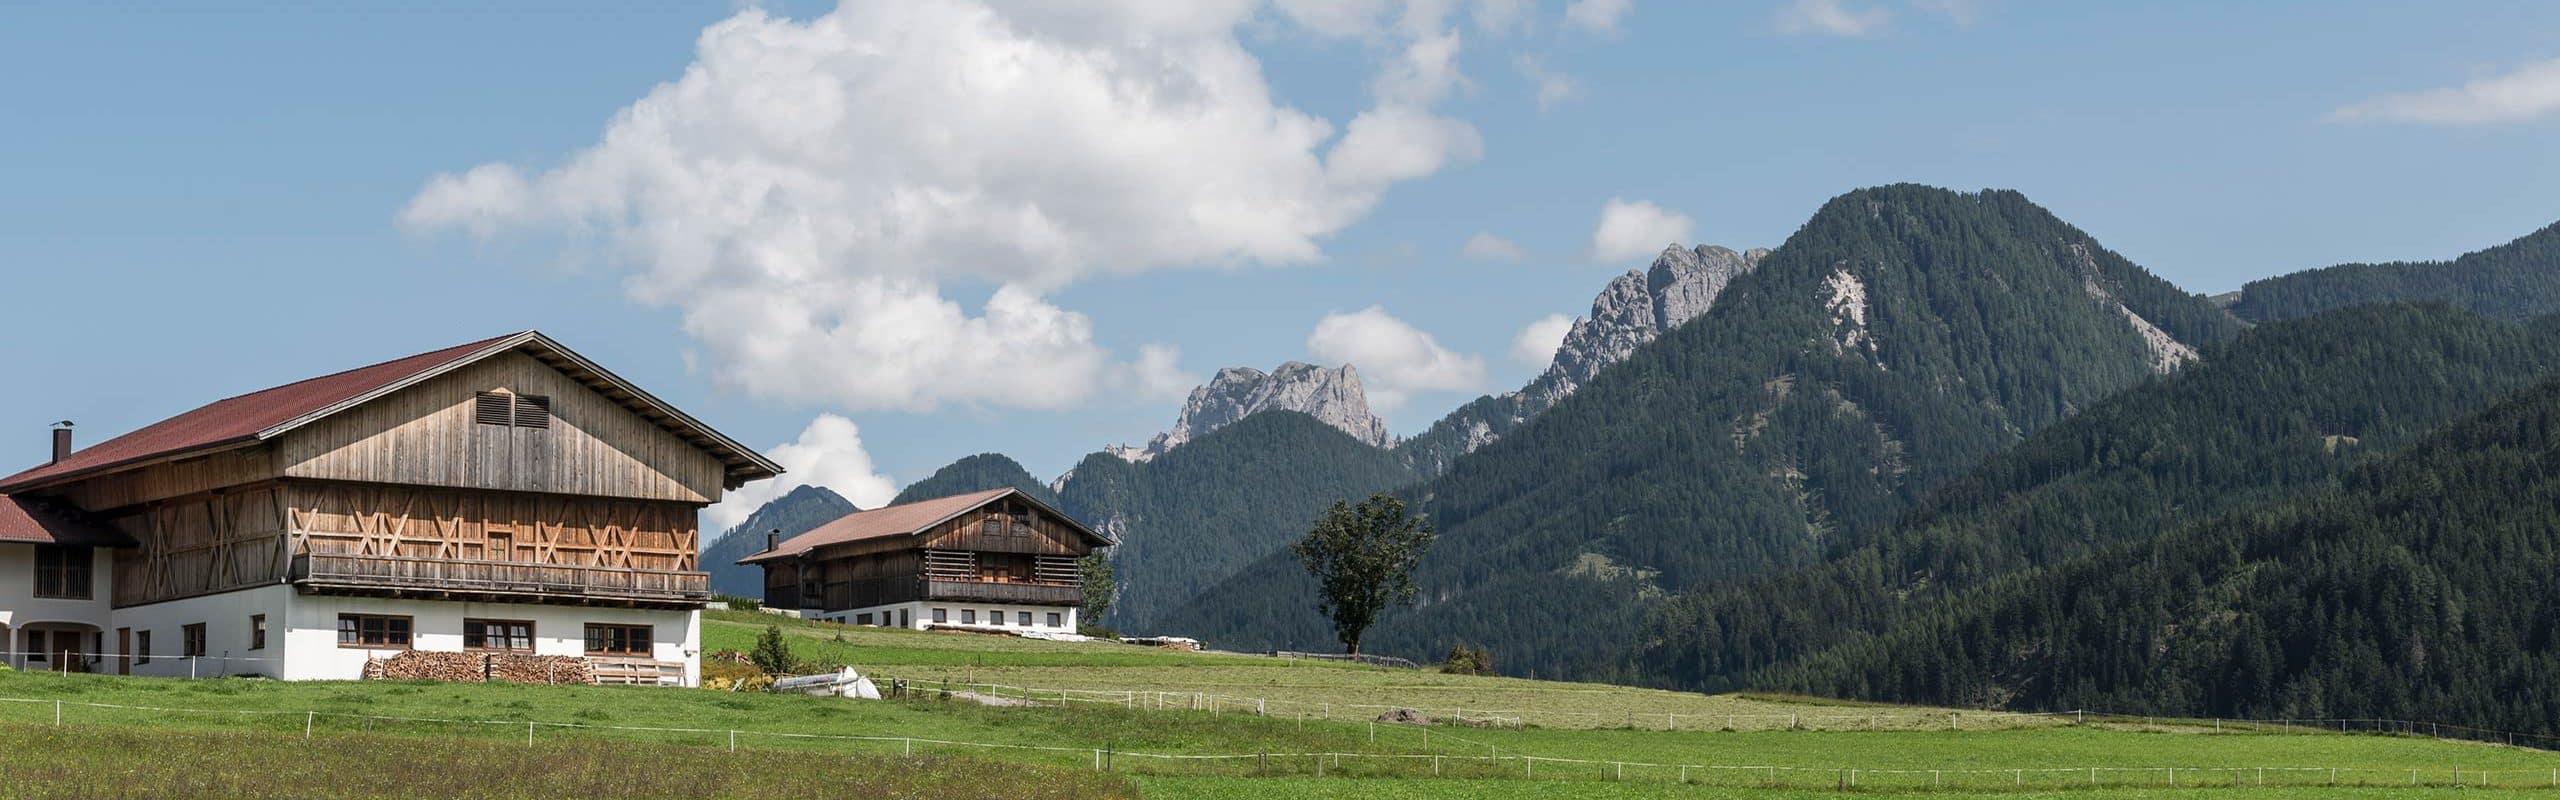 headerbild_landschaft